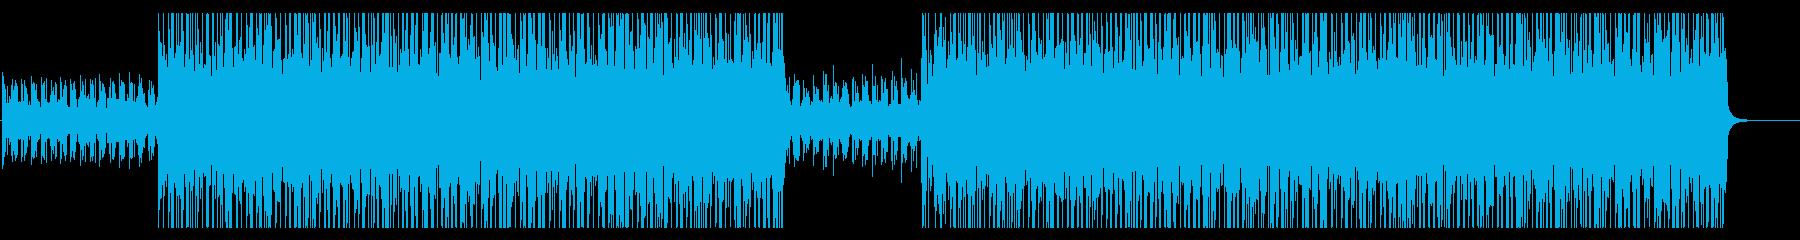 怪しい雰囲気のミディアムテンポのロックの再生済みの波形